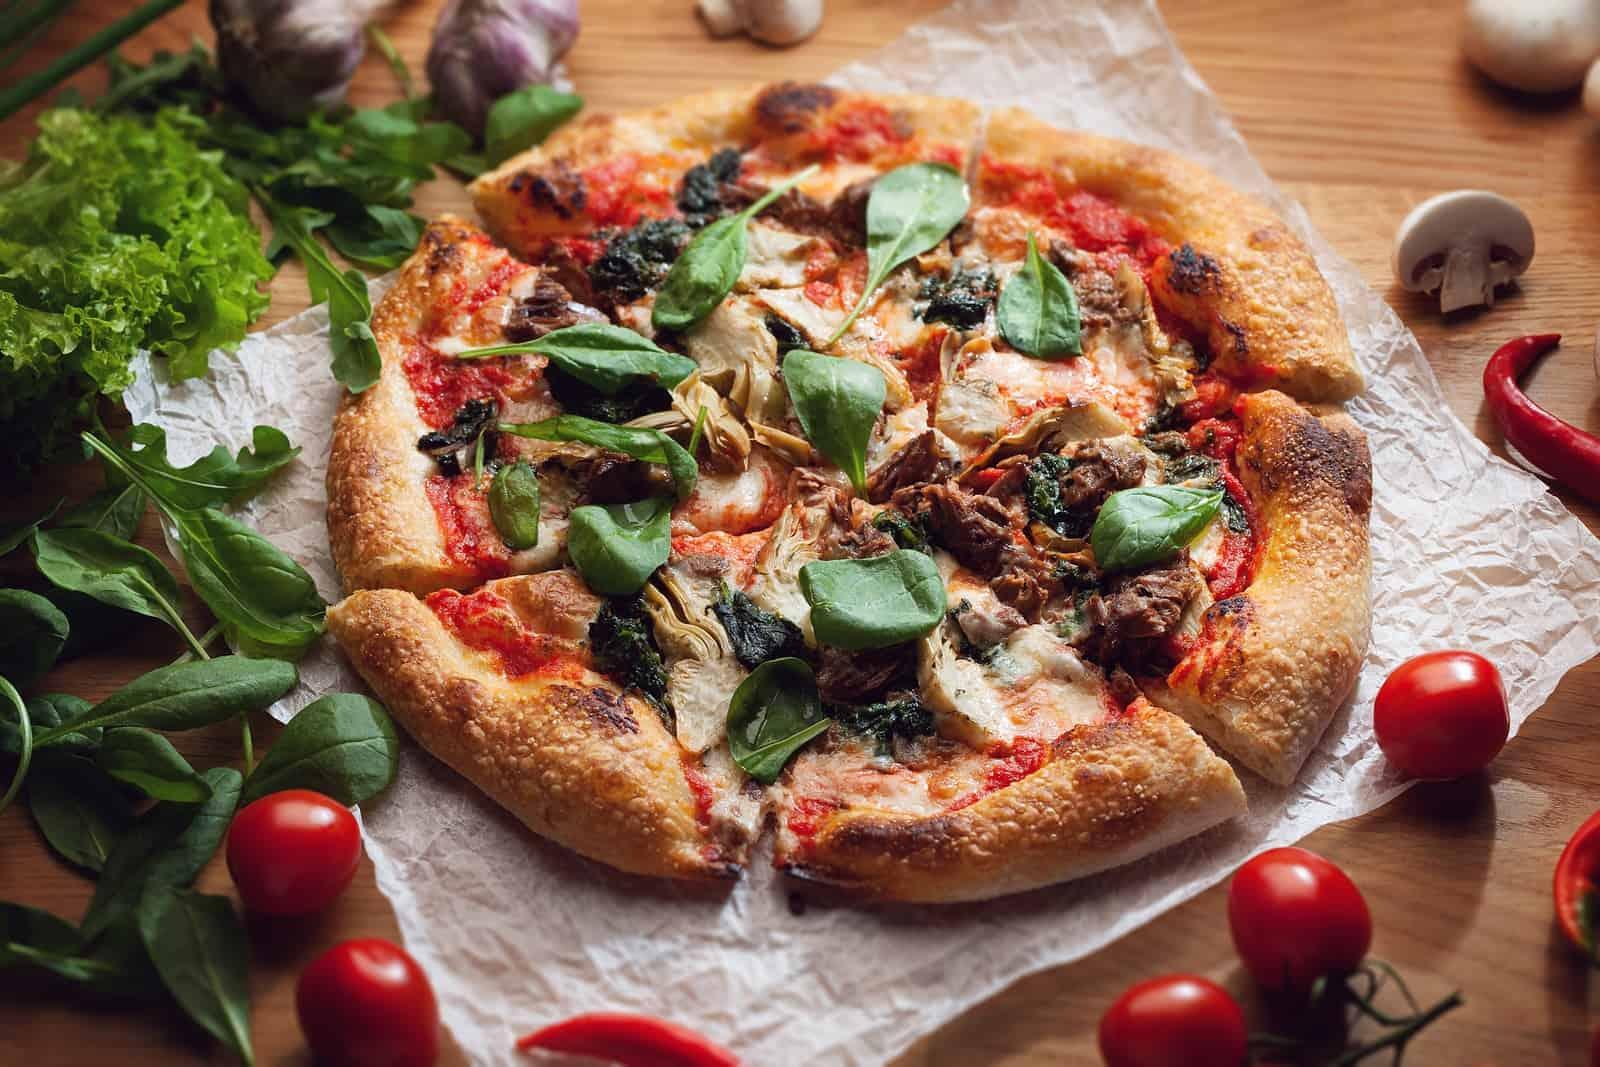 Kendermagliszttel készült kérges pizza